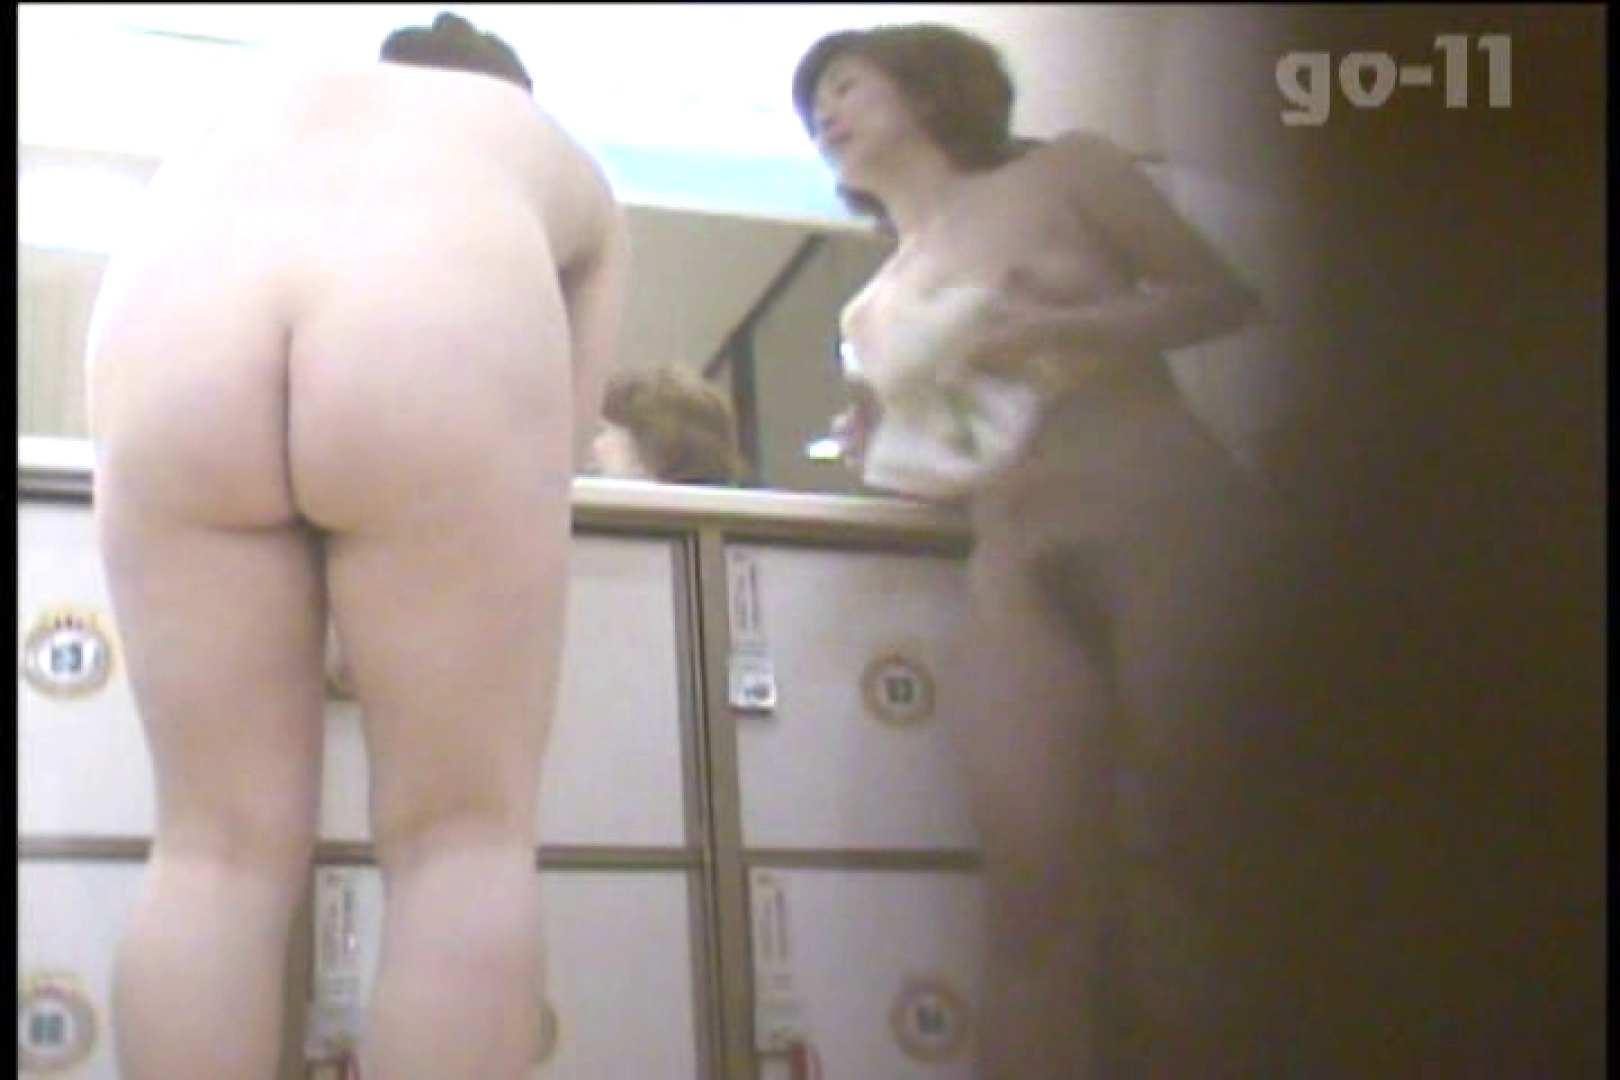 電波カメラ設置浴場からの防HAN映像 Vol.11 OL女体 | 女体盗撮  55連発 49